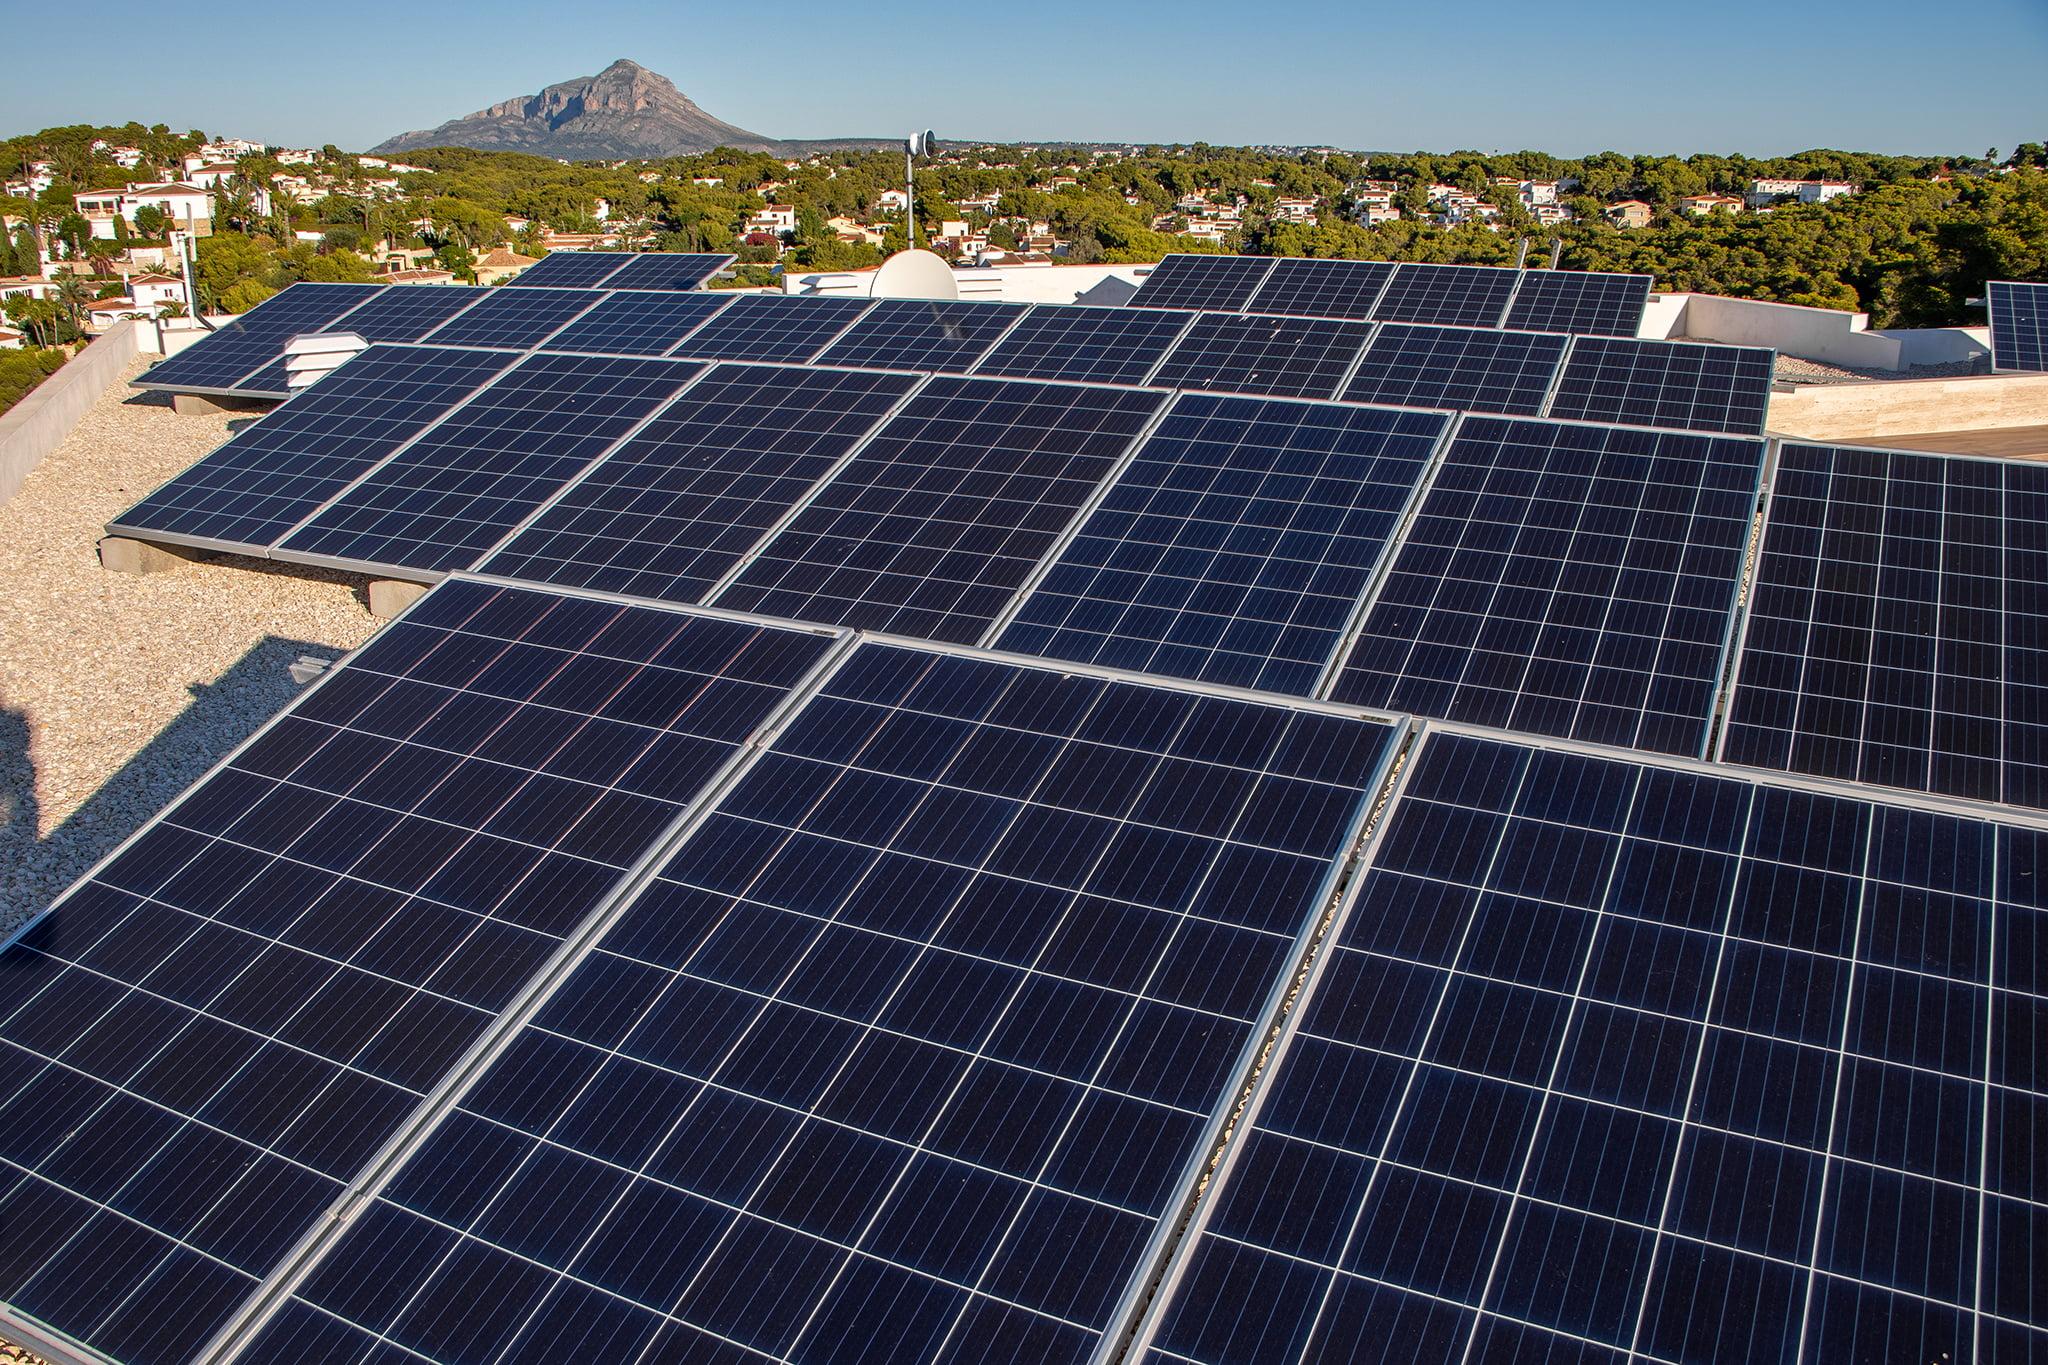 Placas solares Jávea – SUN & PROJECTS